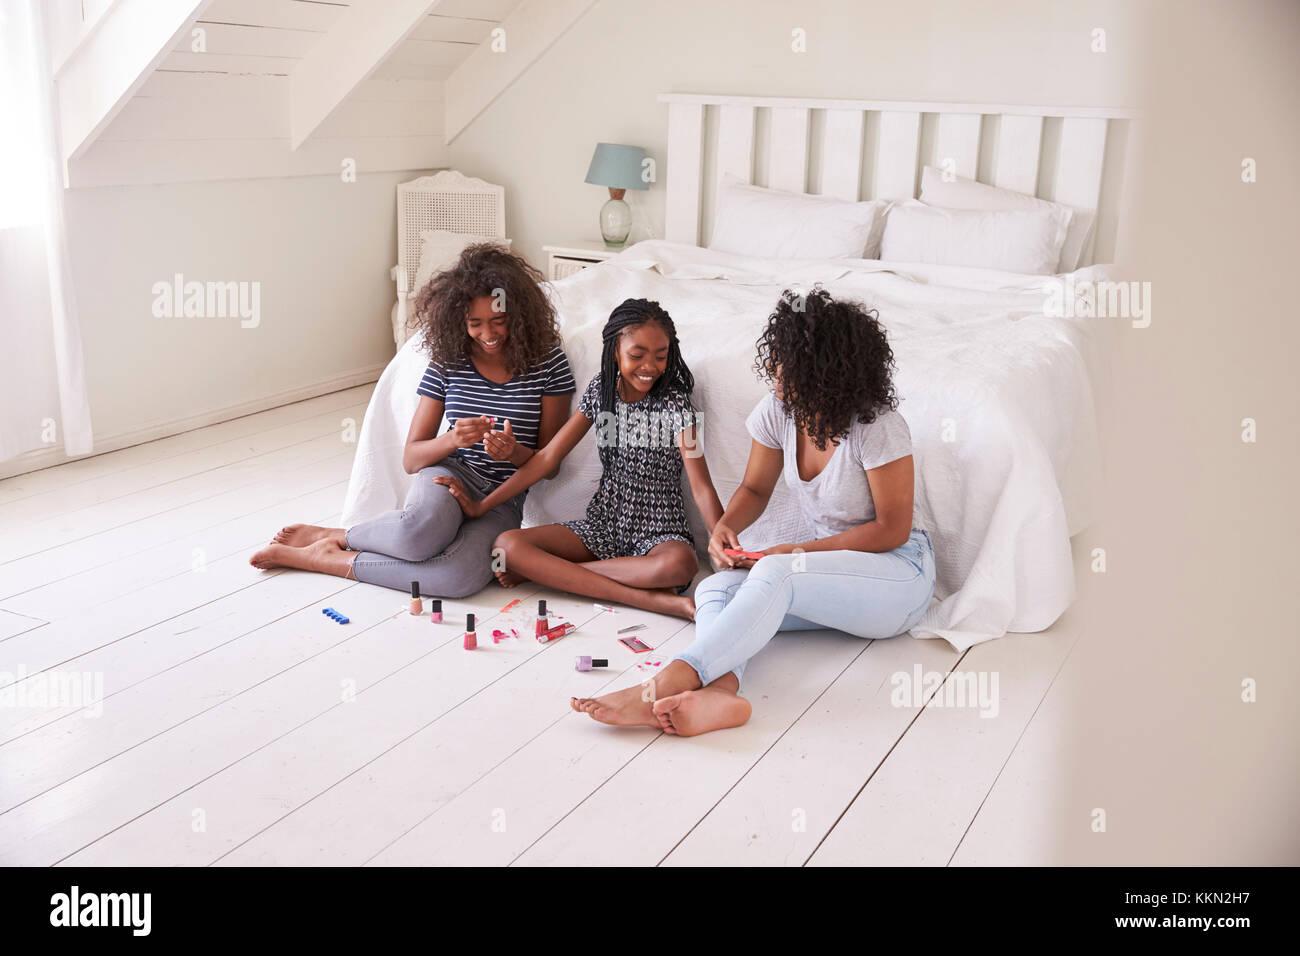 Drei Teenager Schwestern geben jedem anderen Umarbeitung im Schlafzimmer Stockbild